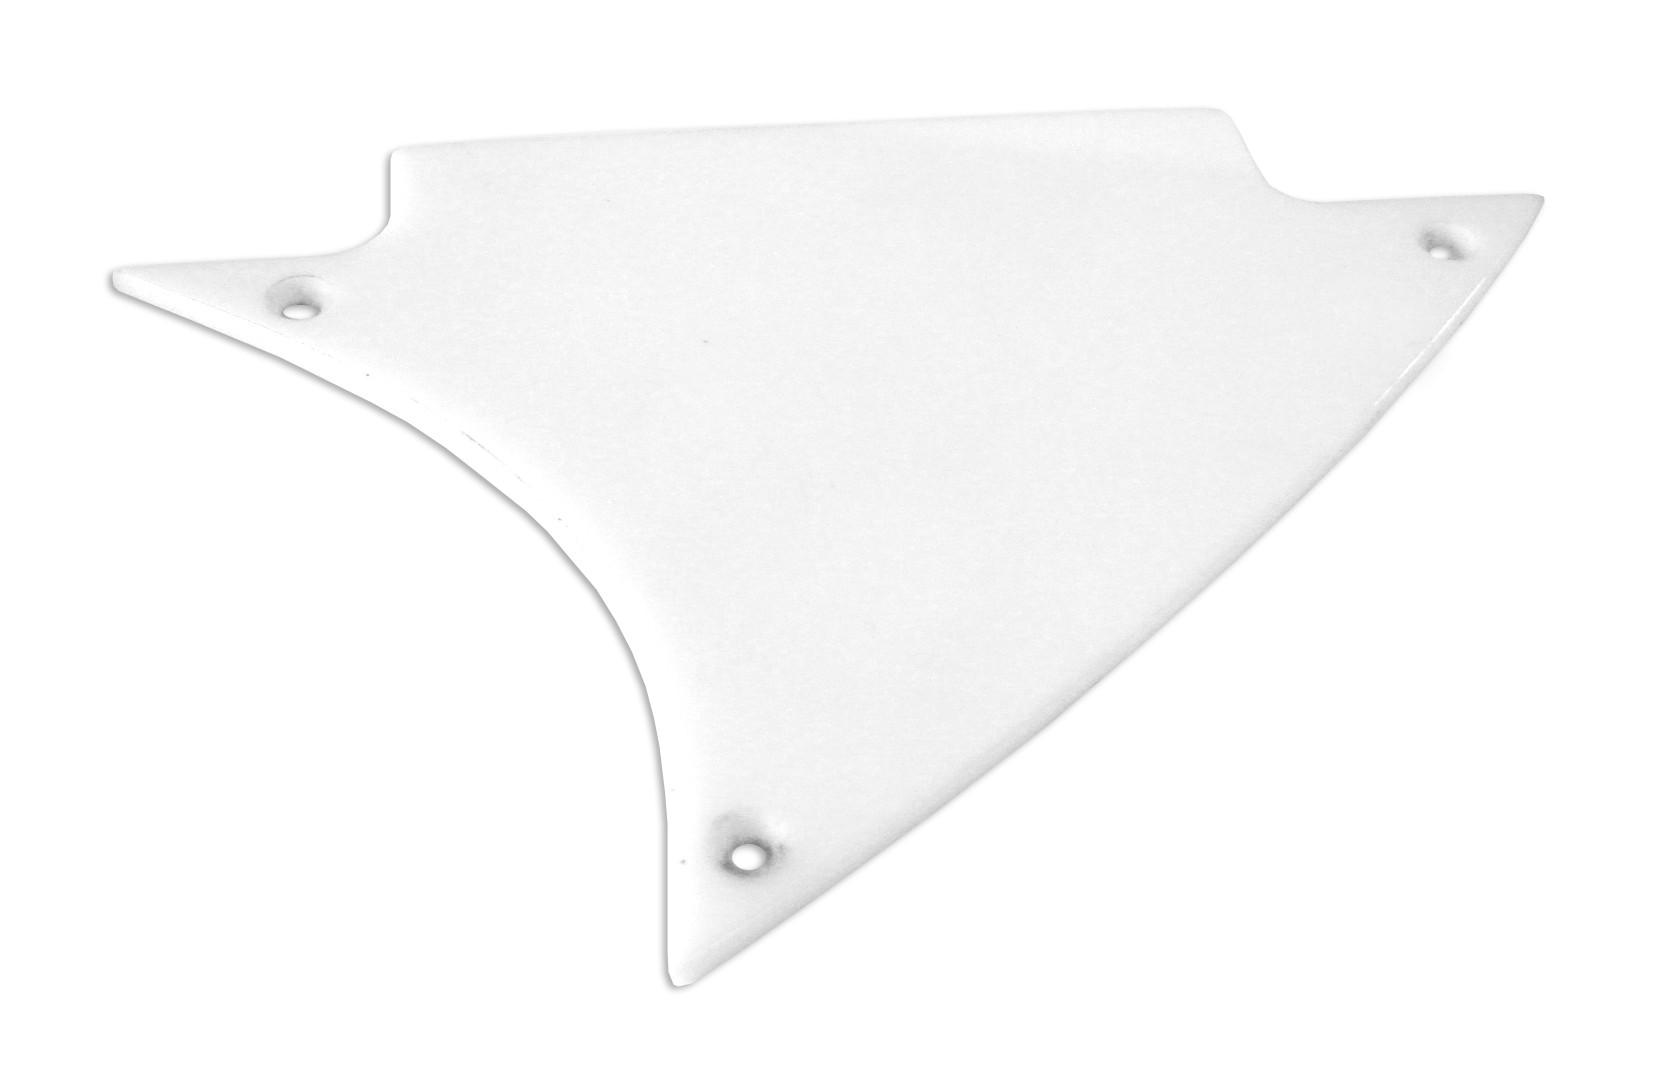 Rickenbacker Part 03444 - Upper Scratchplate for 620